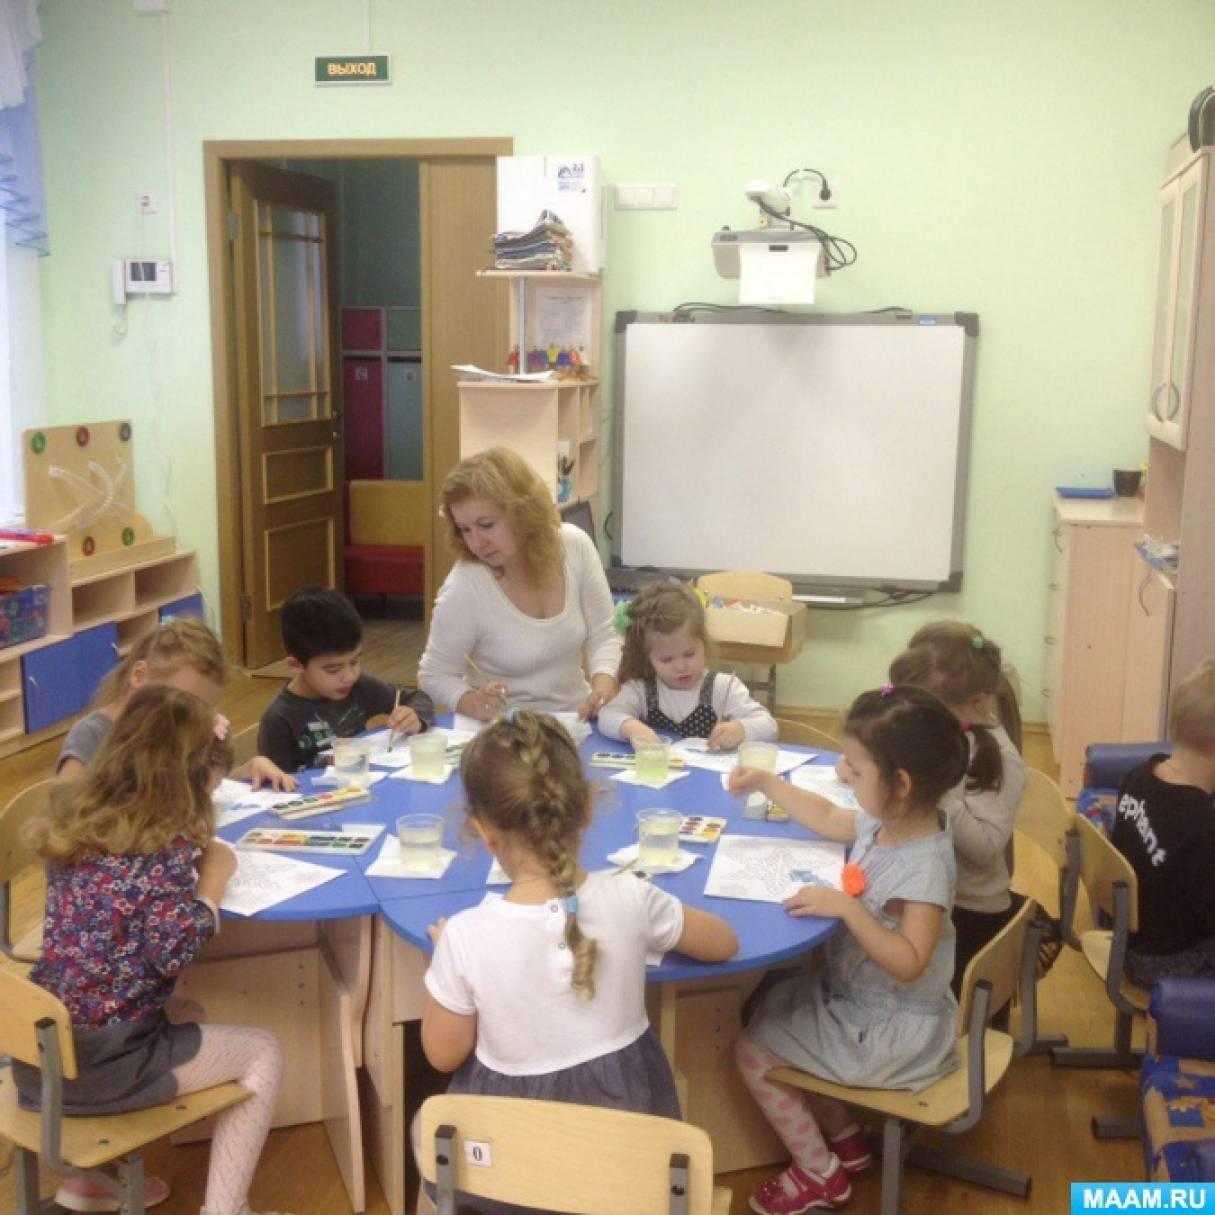 Фото отчёт к празднику День матери! в средней группе.